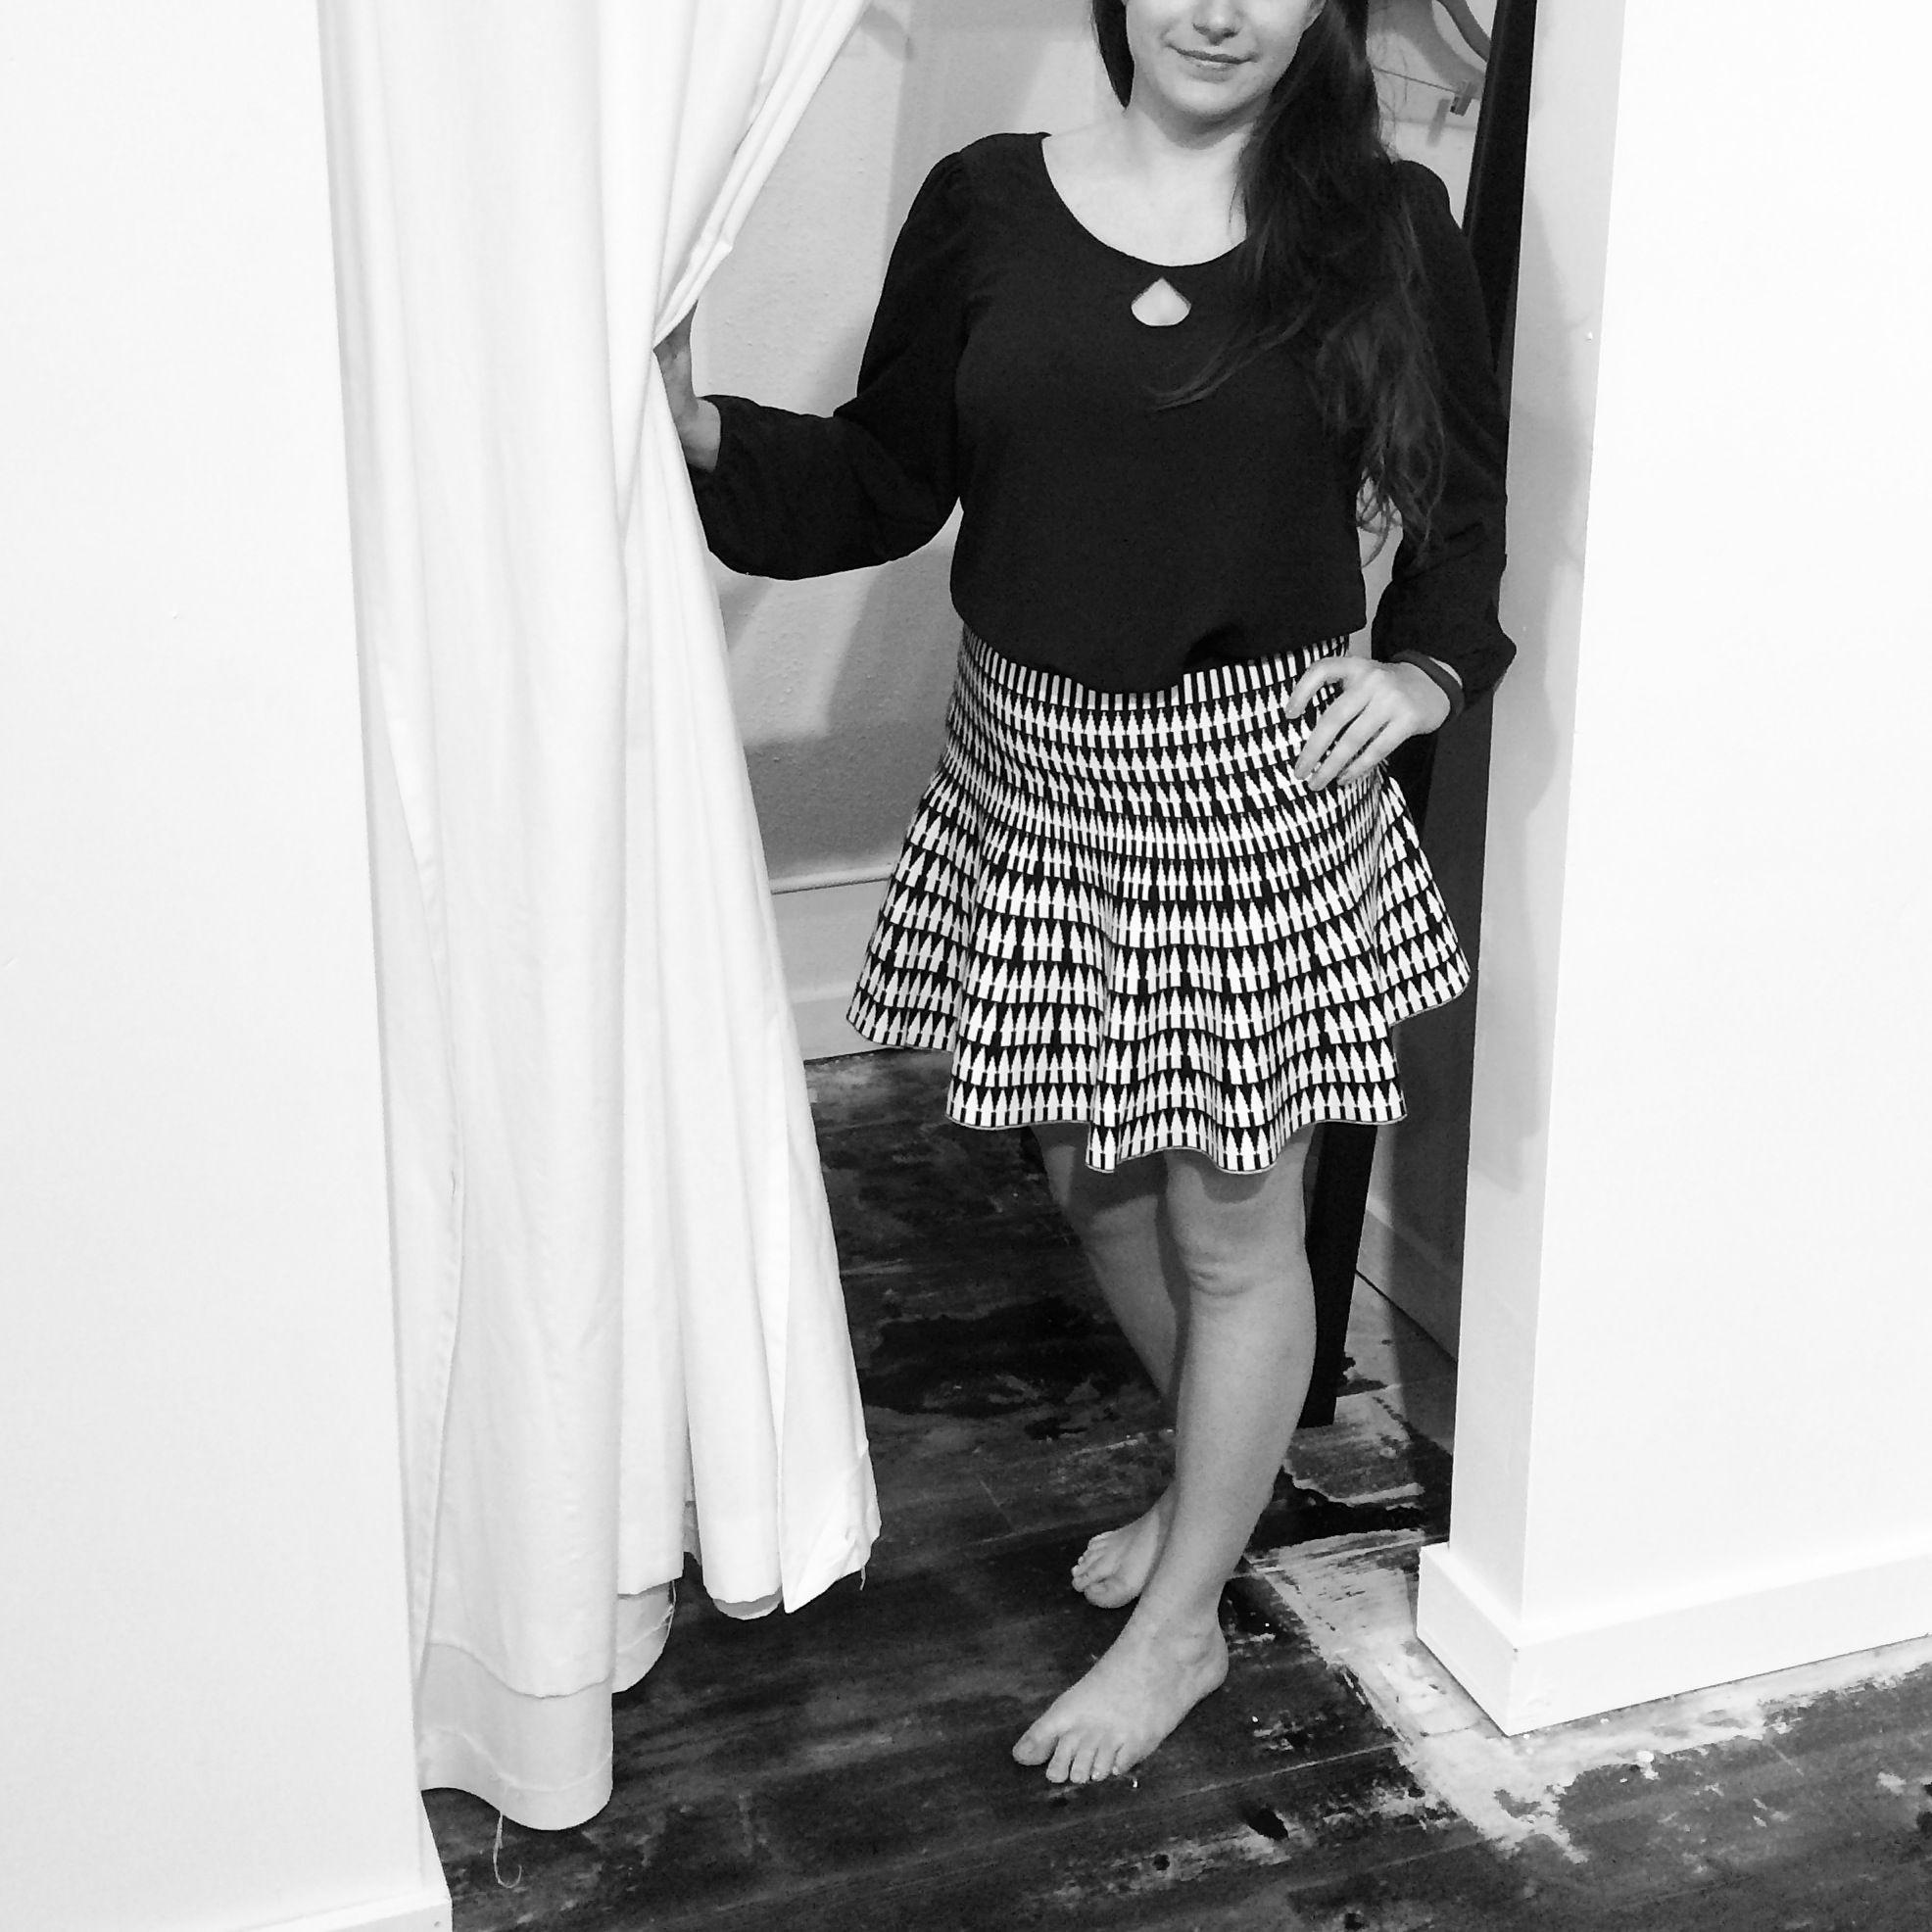 Jaleh 'Sophie' Keyhole Top   jalehclothing.com   #madeinUSA   #womensfashion